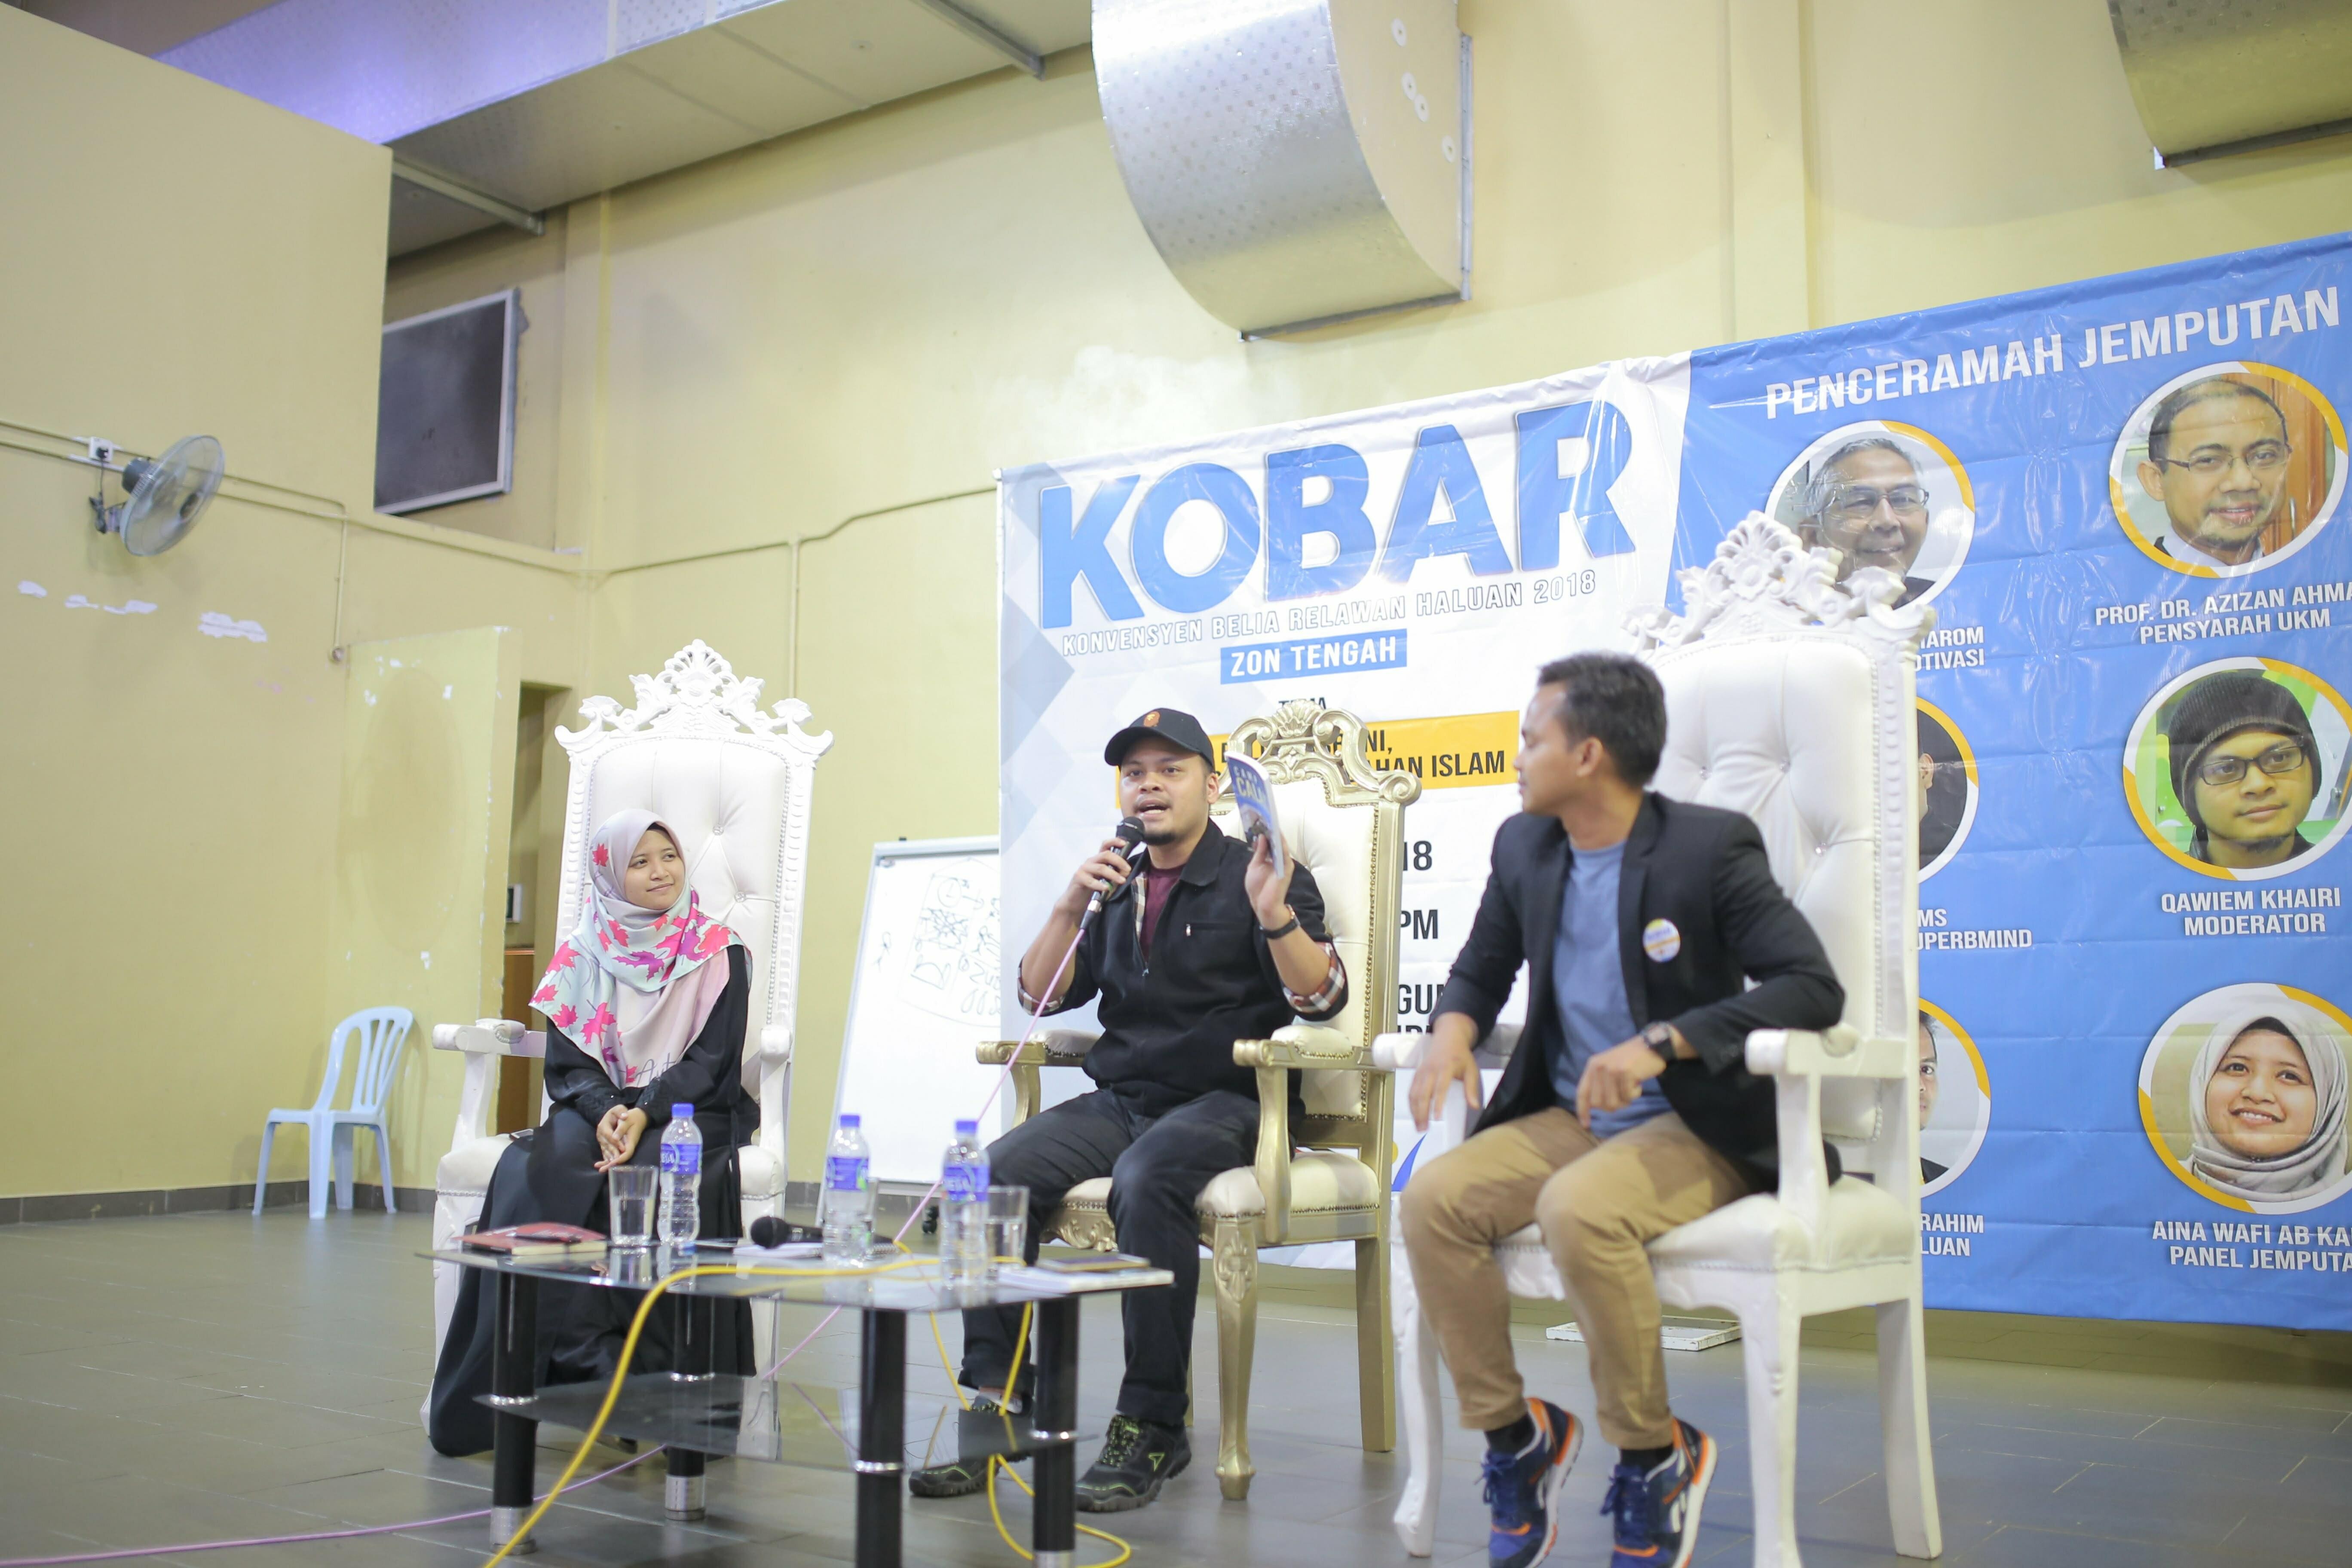 Sambutan Hangat KOBAR 2018 Zon Tengah